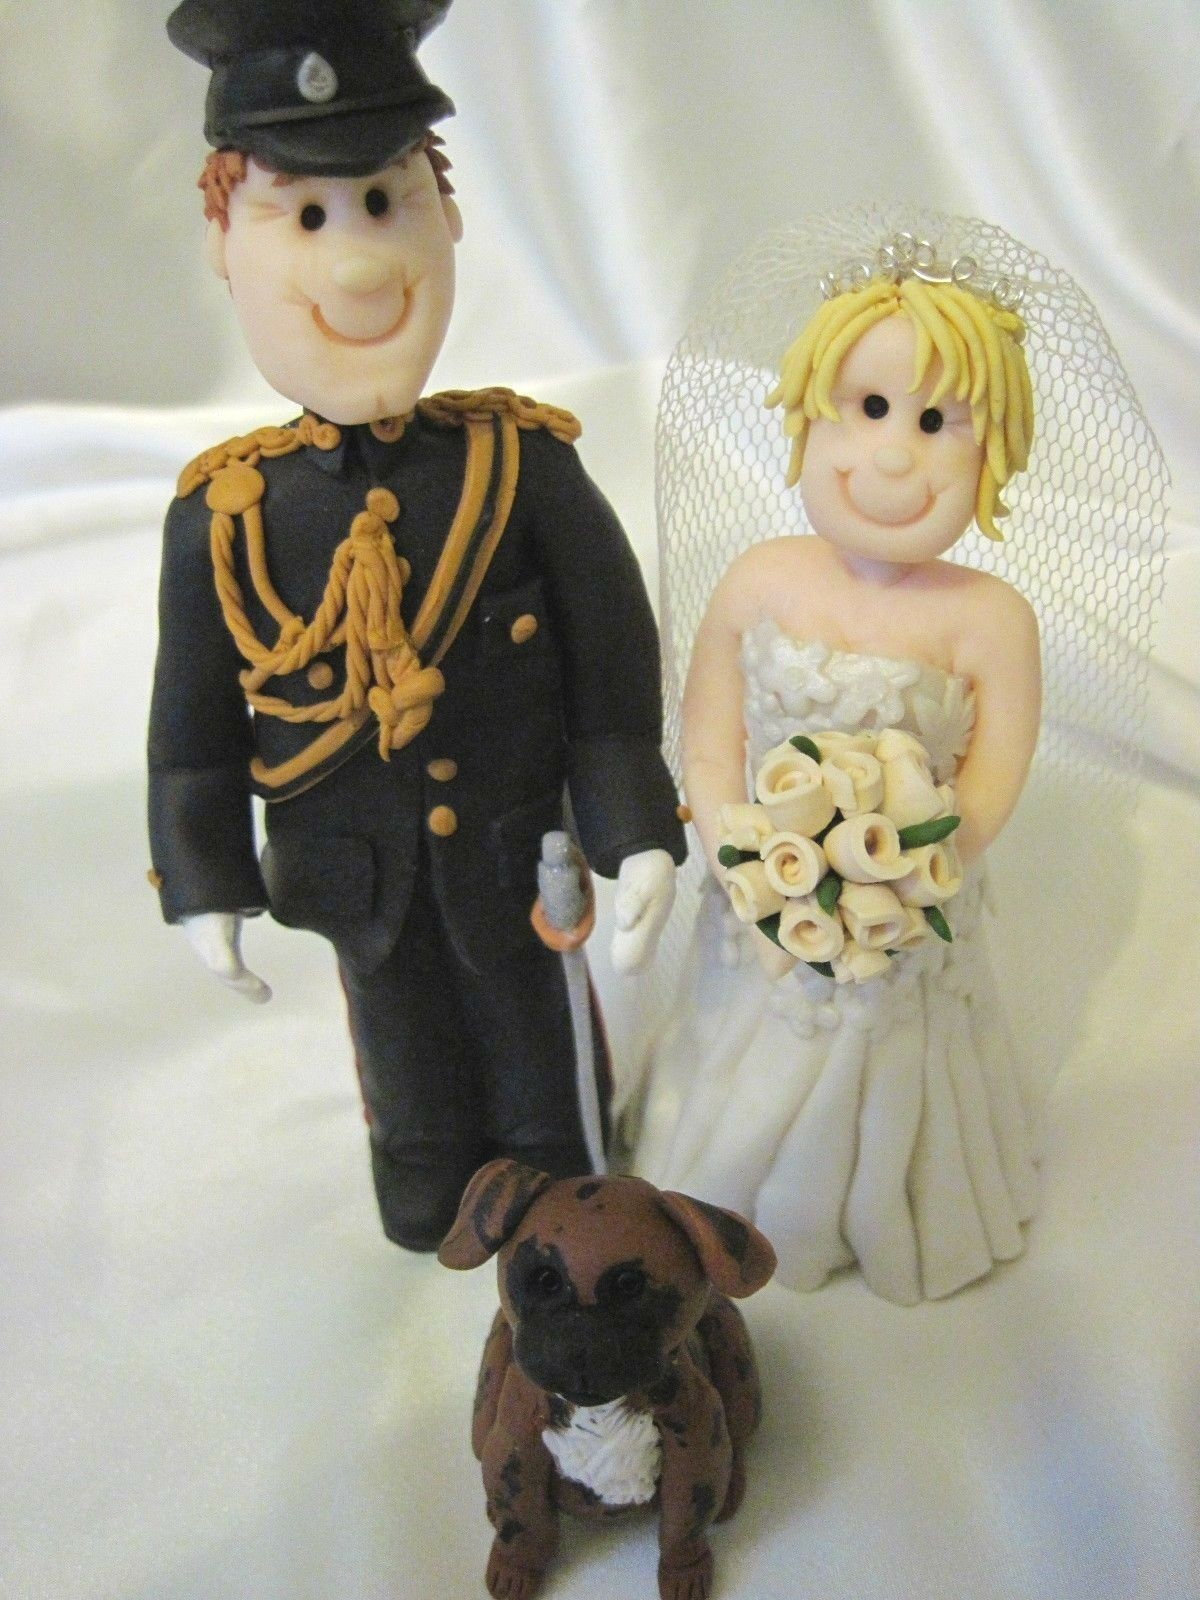 Personalised Wedding Cake topper Sposa e Sposo, unico Argilla fatte fatte fatte a mano RICORDO 820ce3